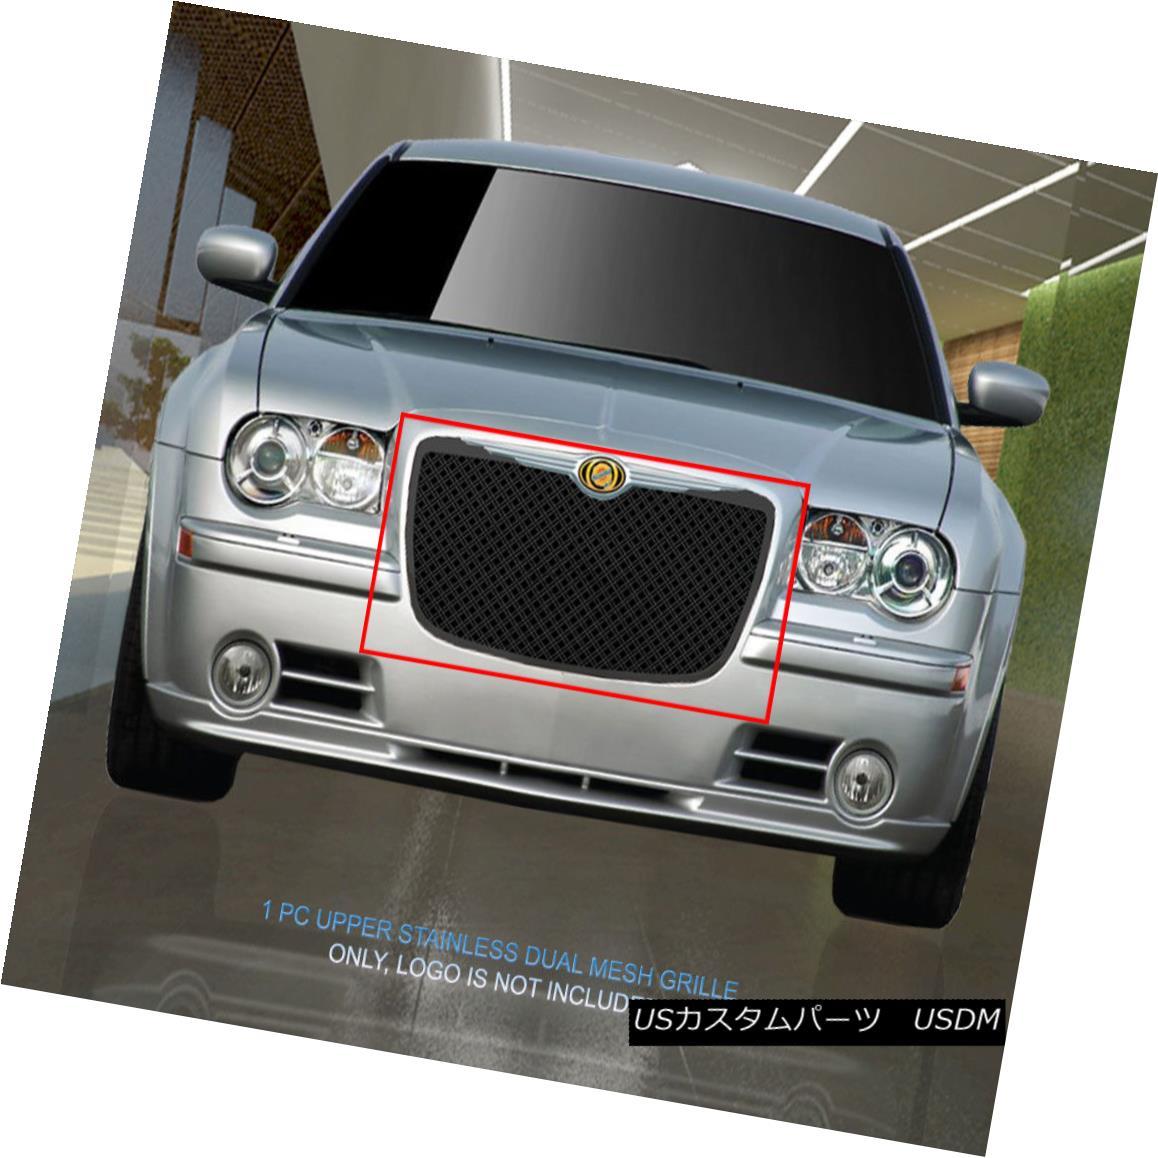 グリル 05-10 Chrysler 300/300C Black Stainless Steel Dual Mesh Grille Upper Insert 05-10クライスラー300 / 300Cブラックステンレススチールデュアルメッシュグリルアッパーインサート